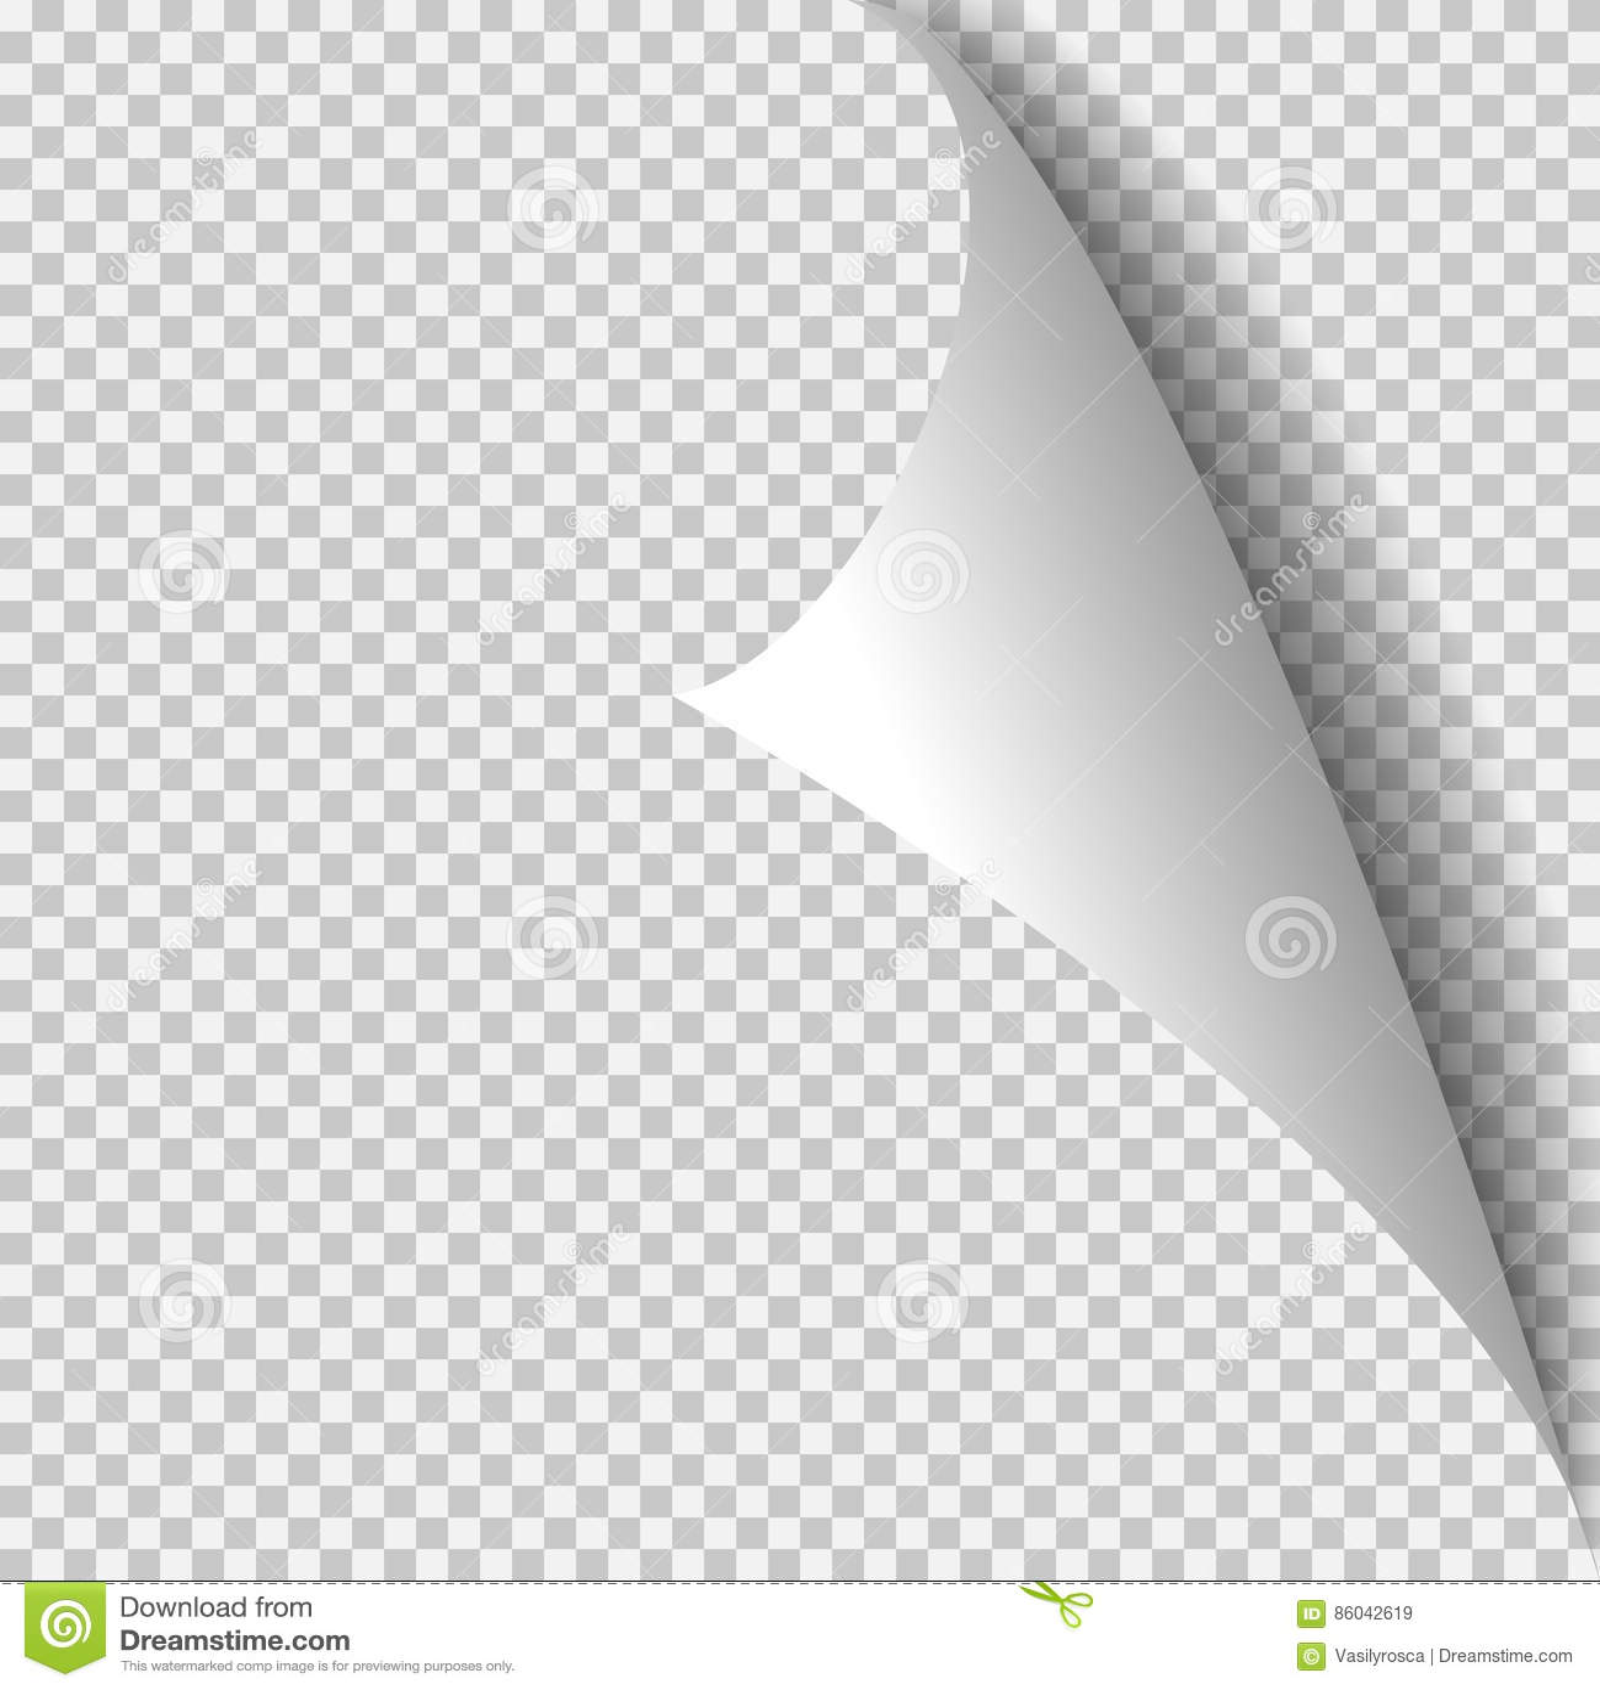 Lockeneckpapierschablone Transparentes Gitter Leere Hintergrundseite